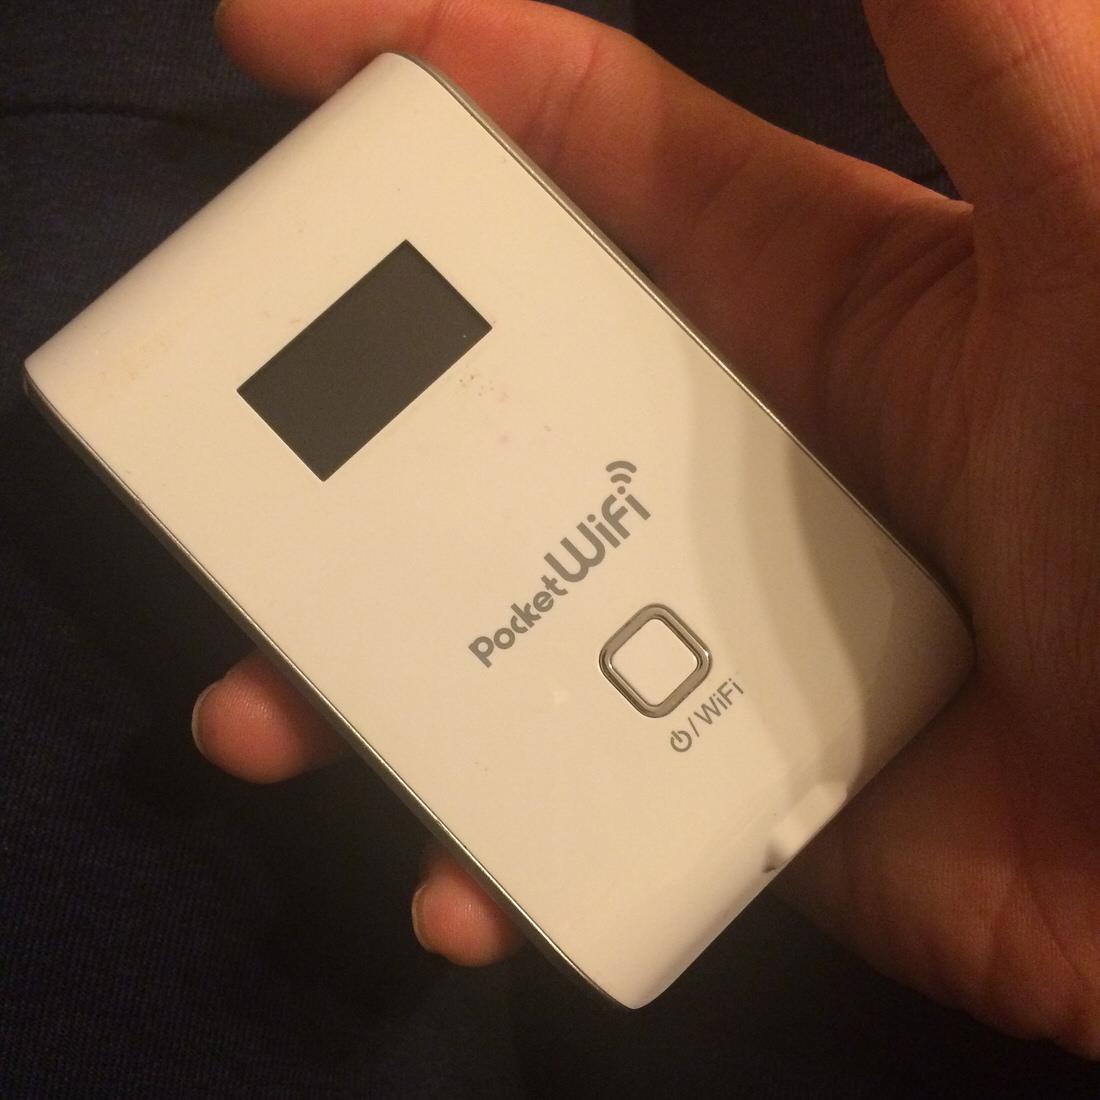 家電量販店で契約したイー・モバイルポケットWi-Fiの解約の仕方